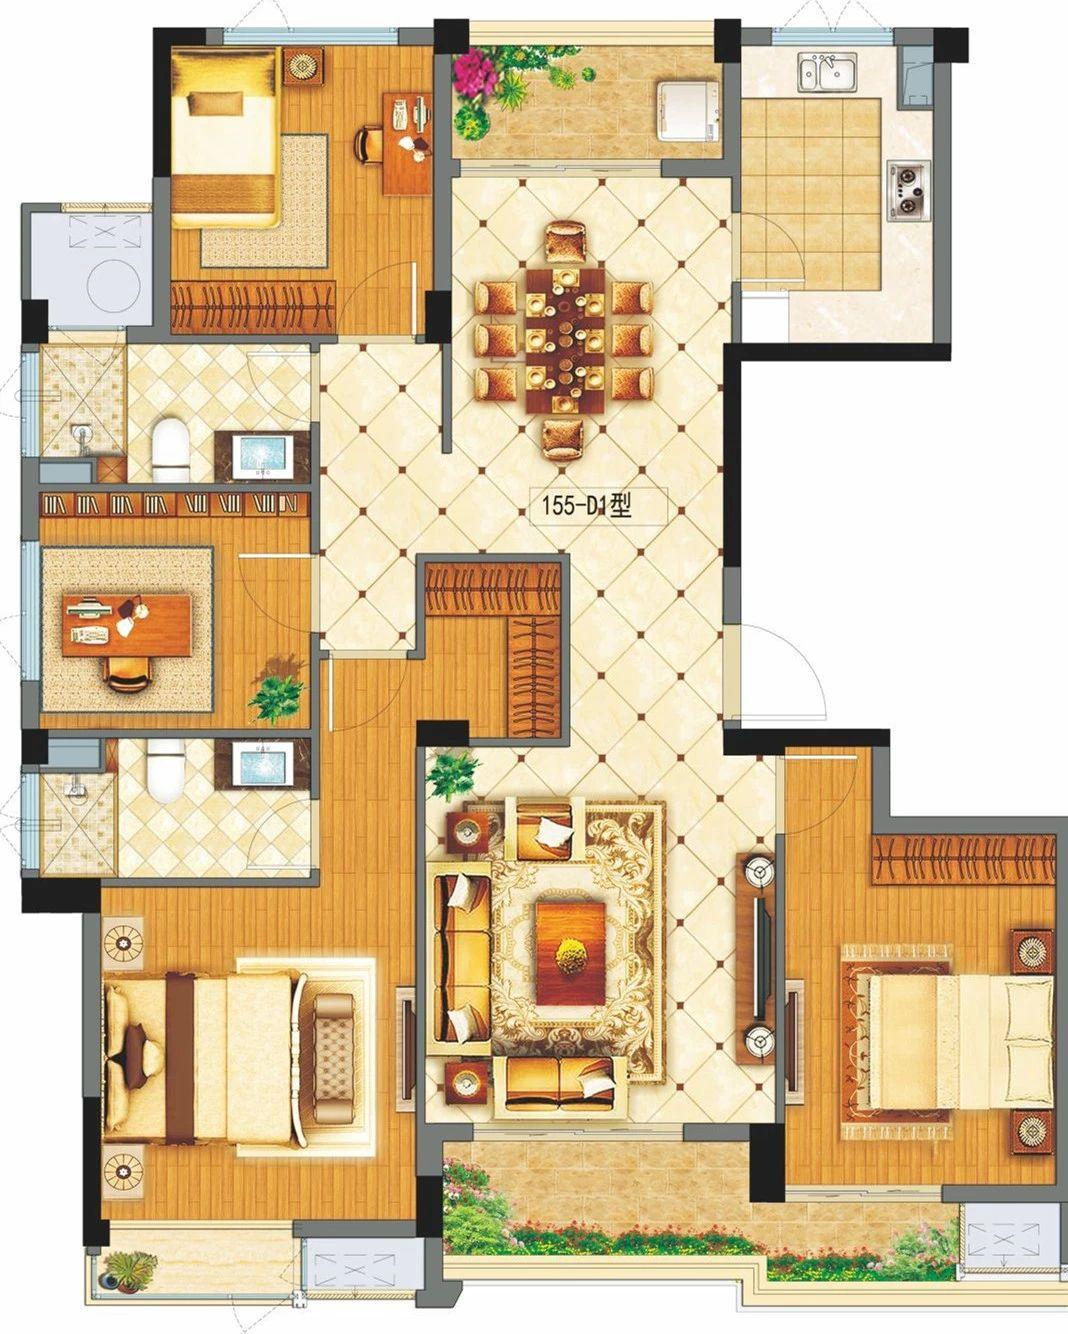 香悦府西区 155-D1户型图